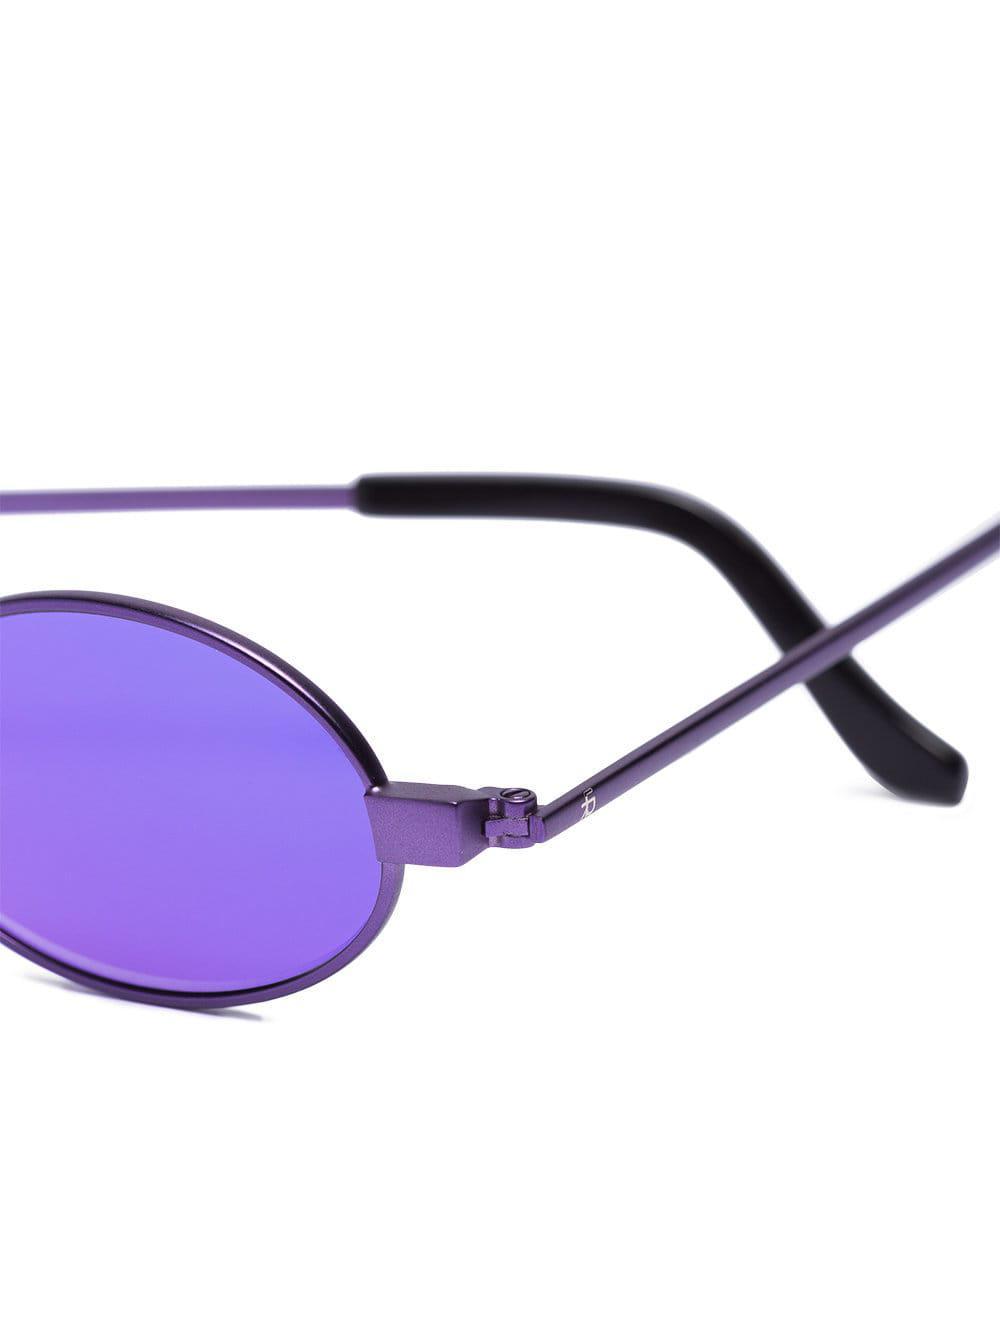 f2b1a3b40a16c ROBERI AND FRAUD - Purple Doris Oval Sunglasses - Lyst. View fullscreen